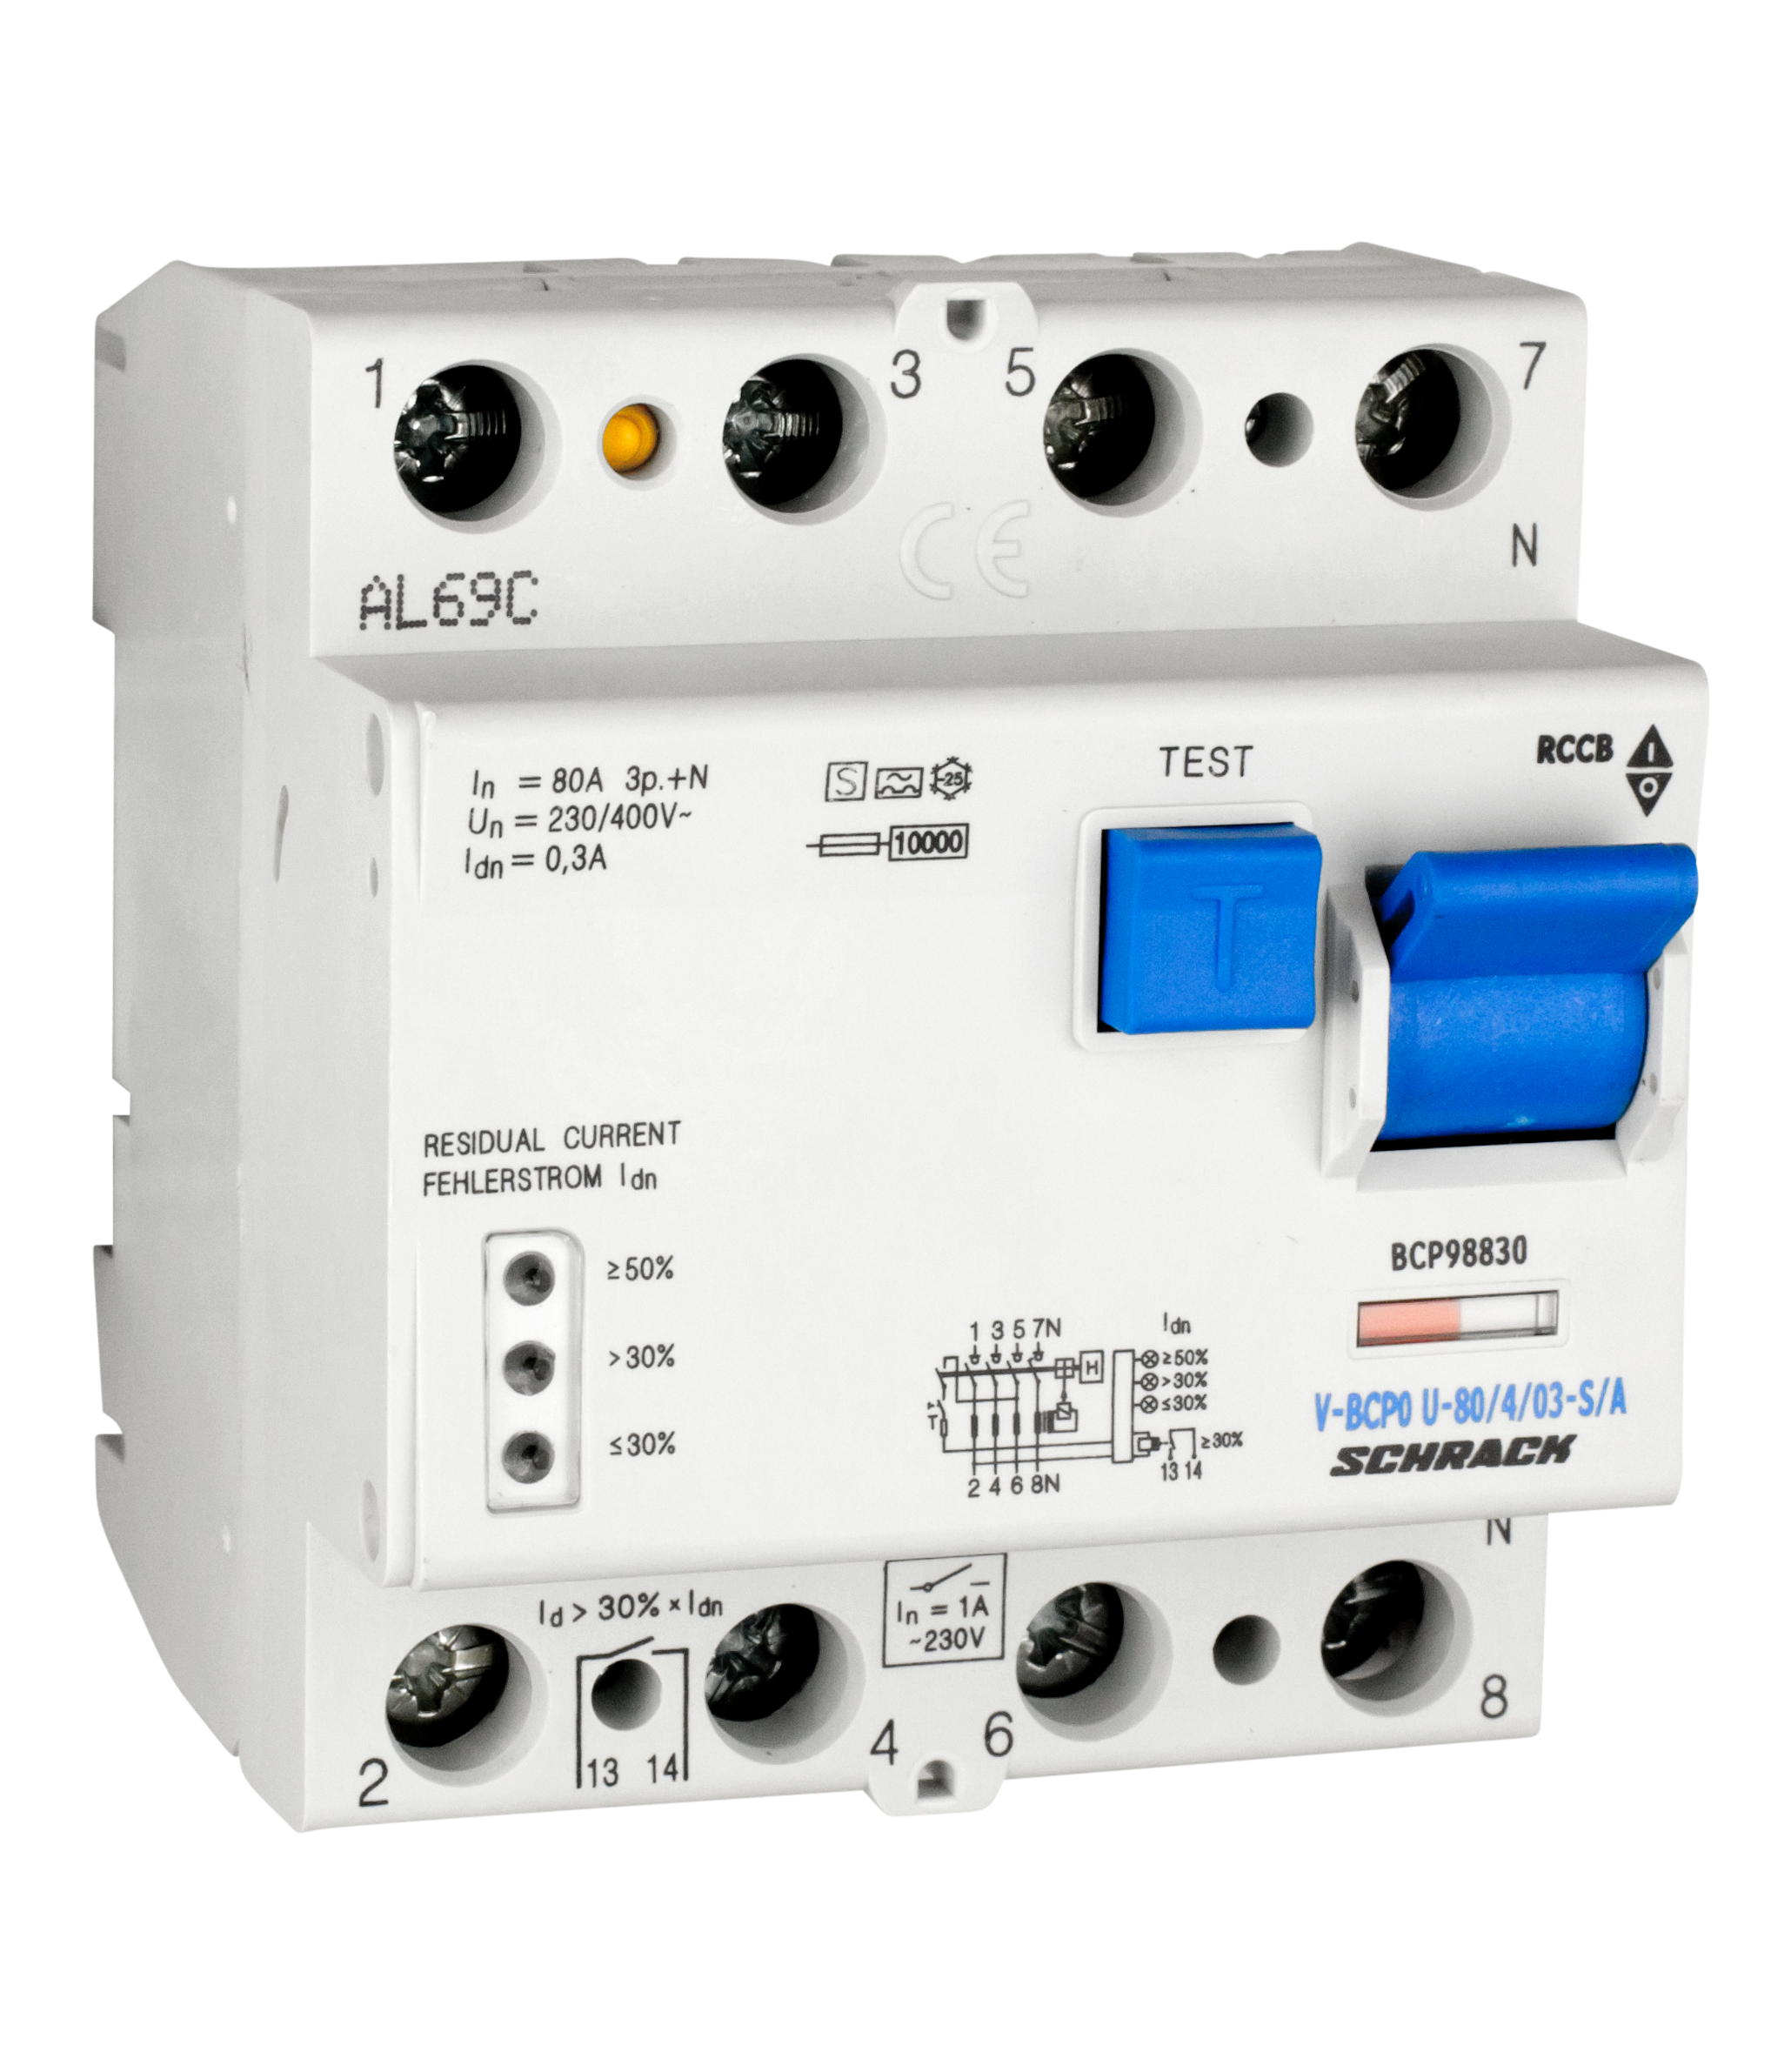 1 Stk PRIORI FI-Schalter 80A, 4-pol, 300mA, vsf, S, Typ A, FU-fest BCP98830--